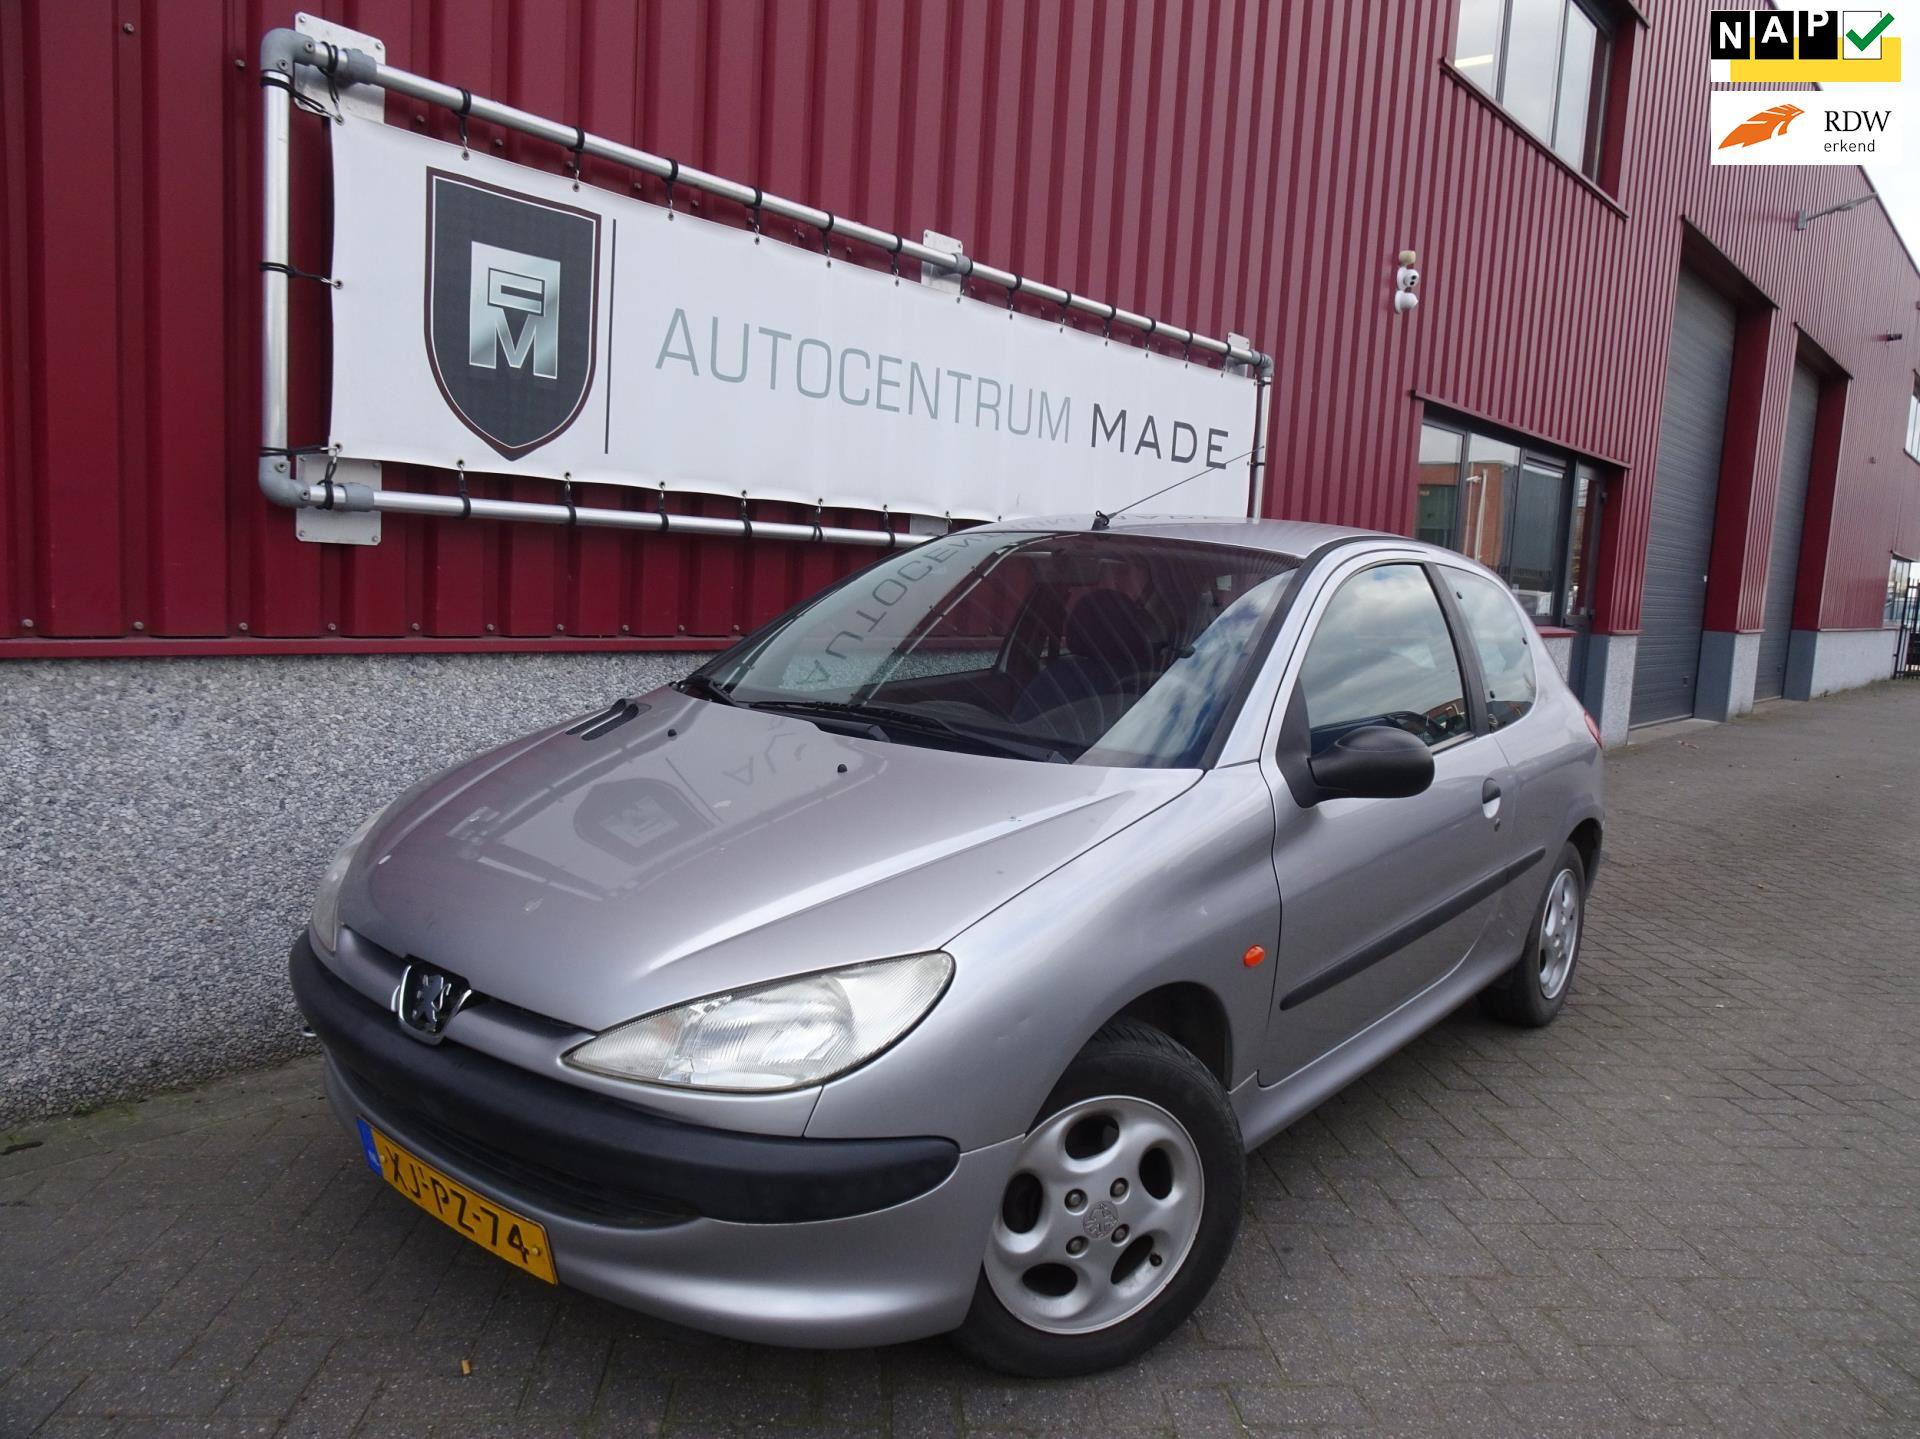 Peugeot 206 occasion - Auto Centrum Made